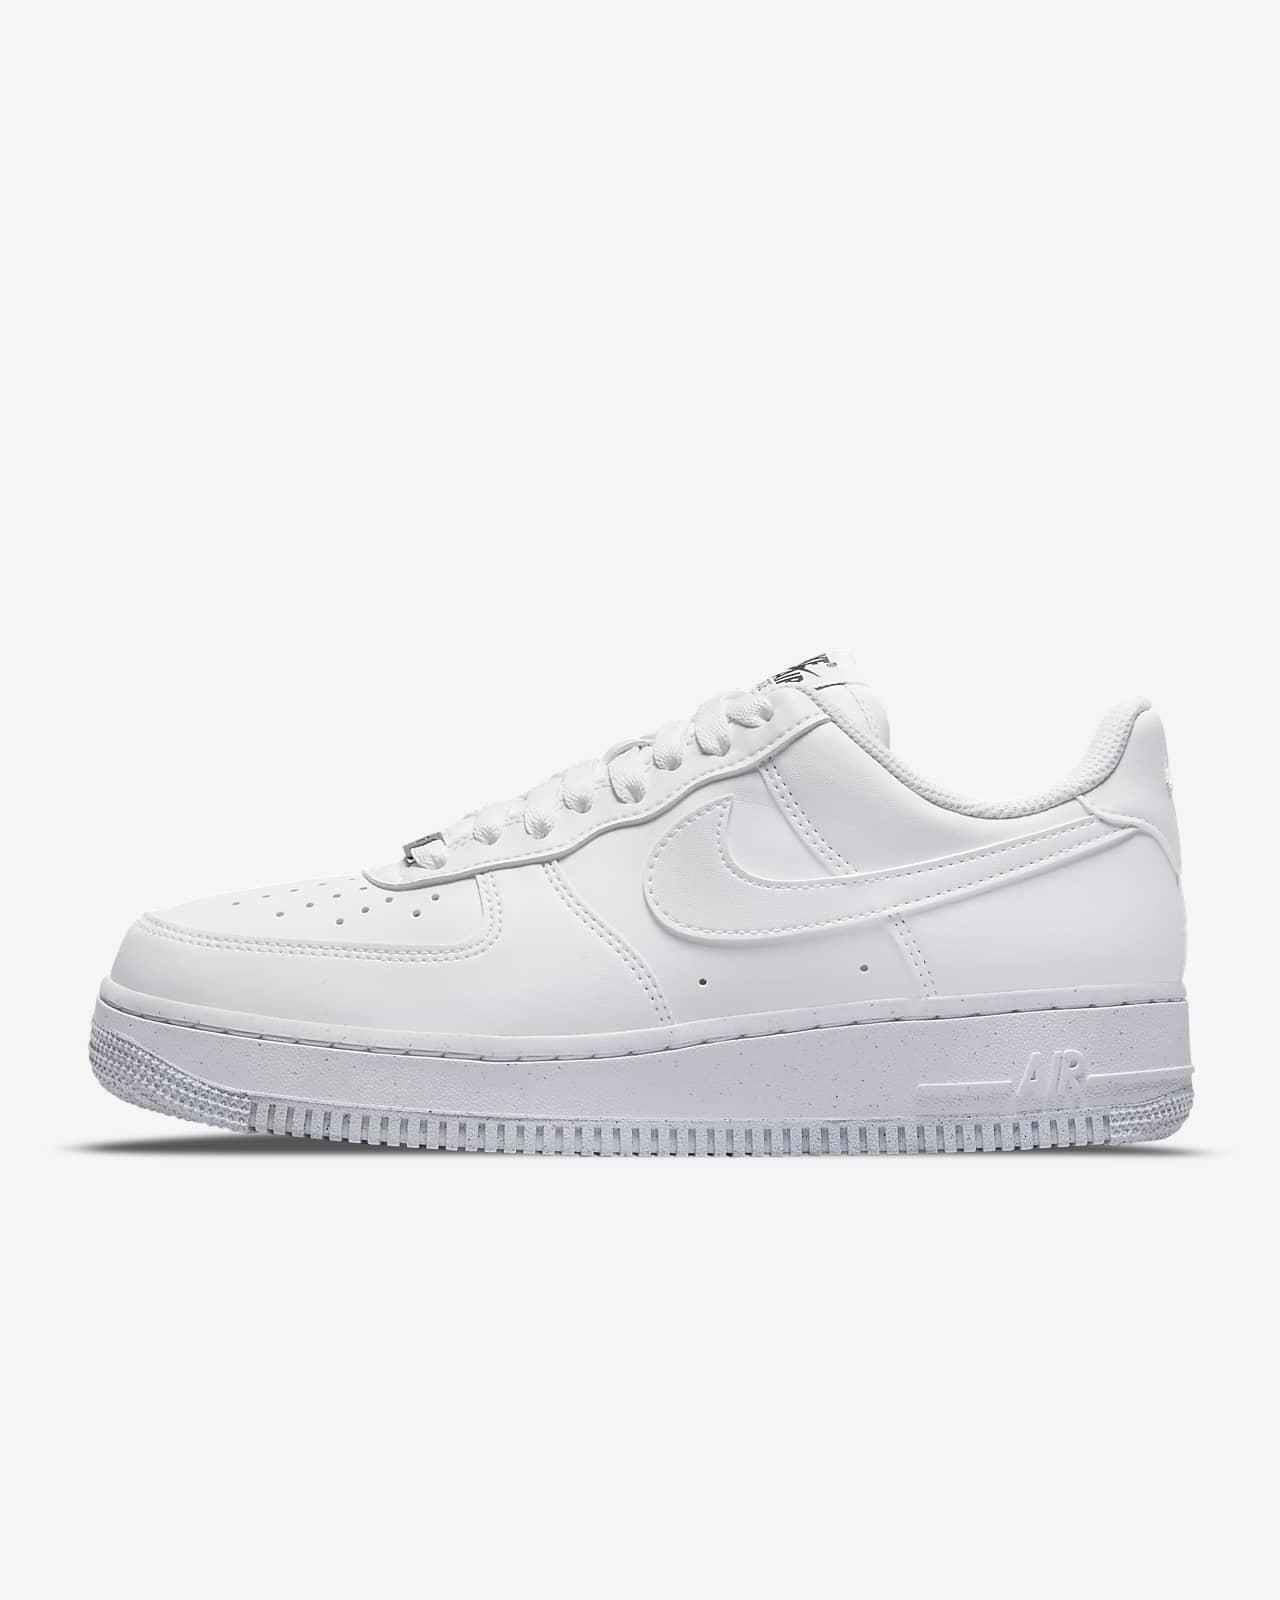 Calzado para mujer Nike Air Force 1 '07 Next Nature